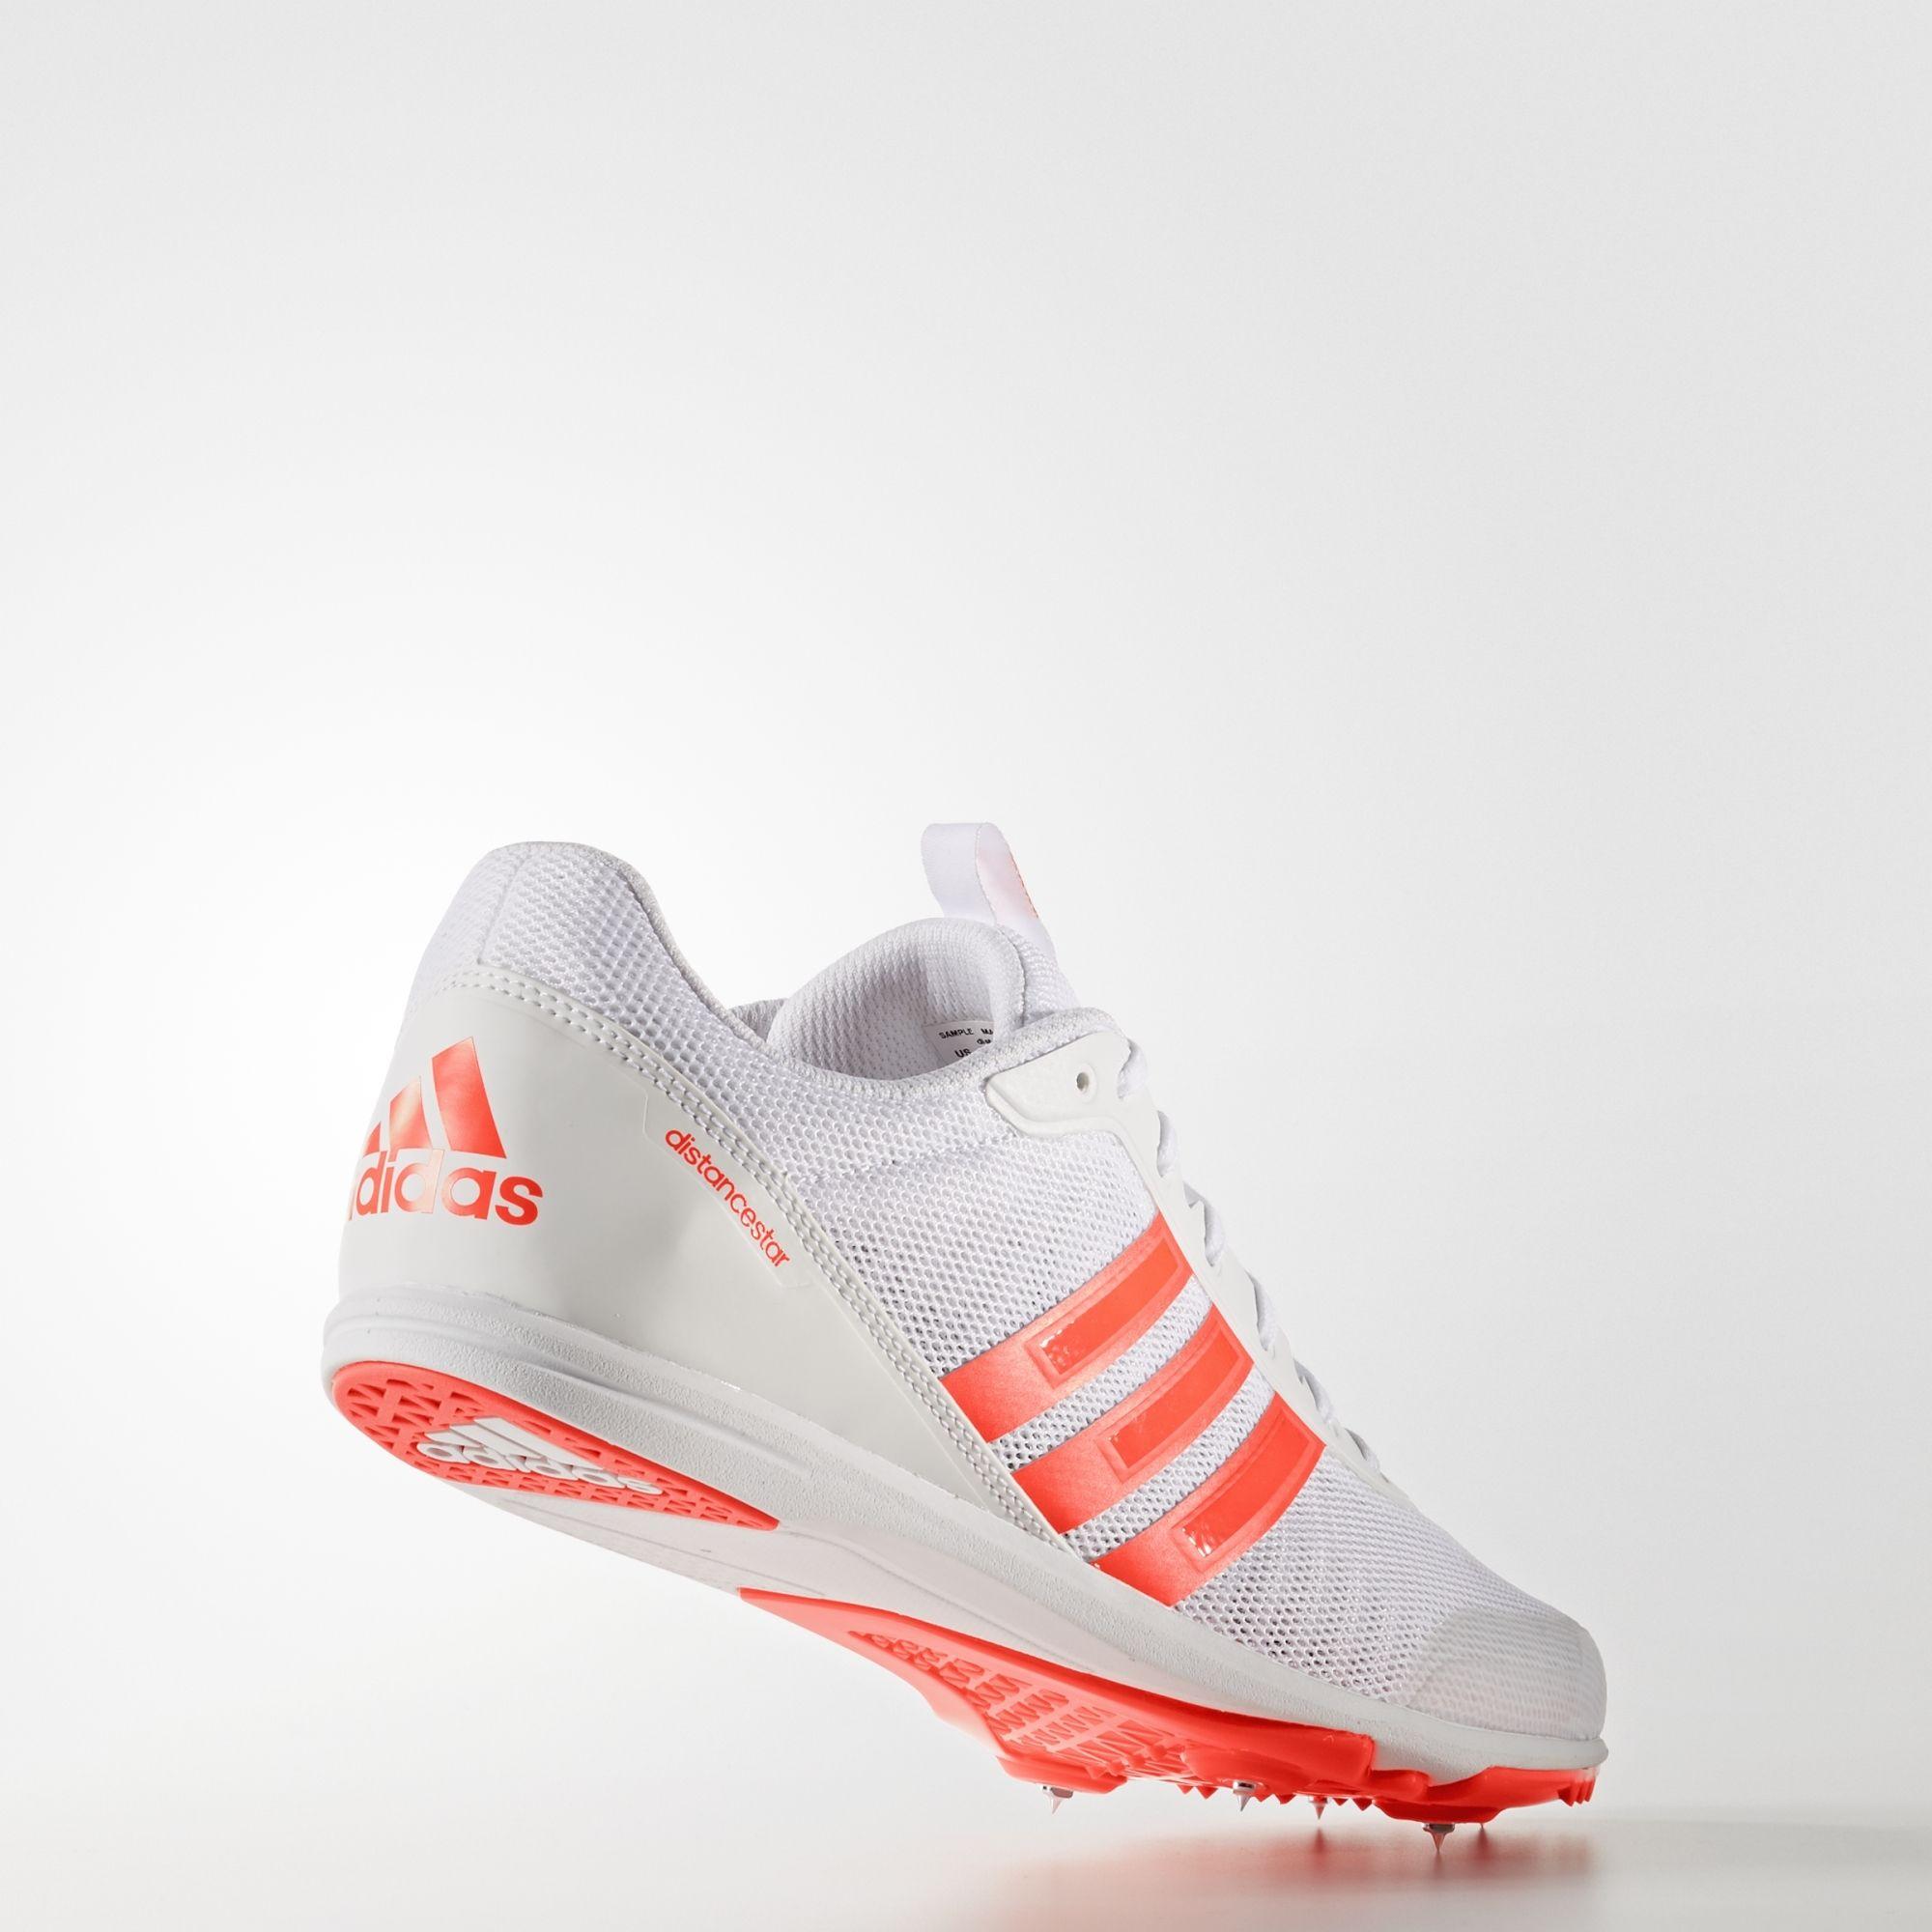 adidas Distancestar in Weiß Solar Red